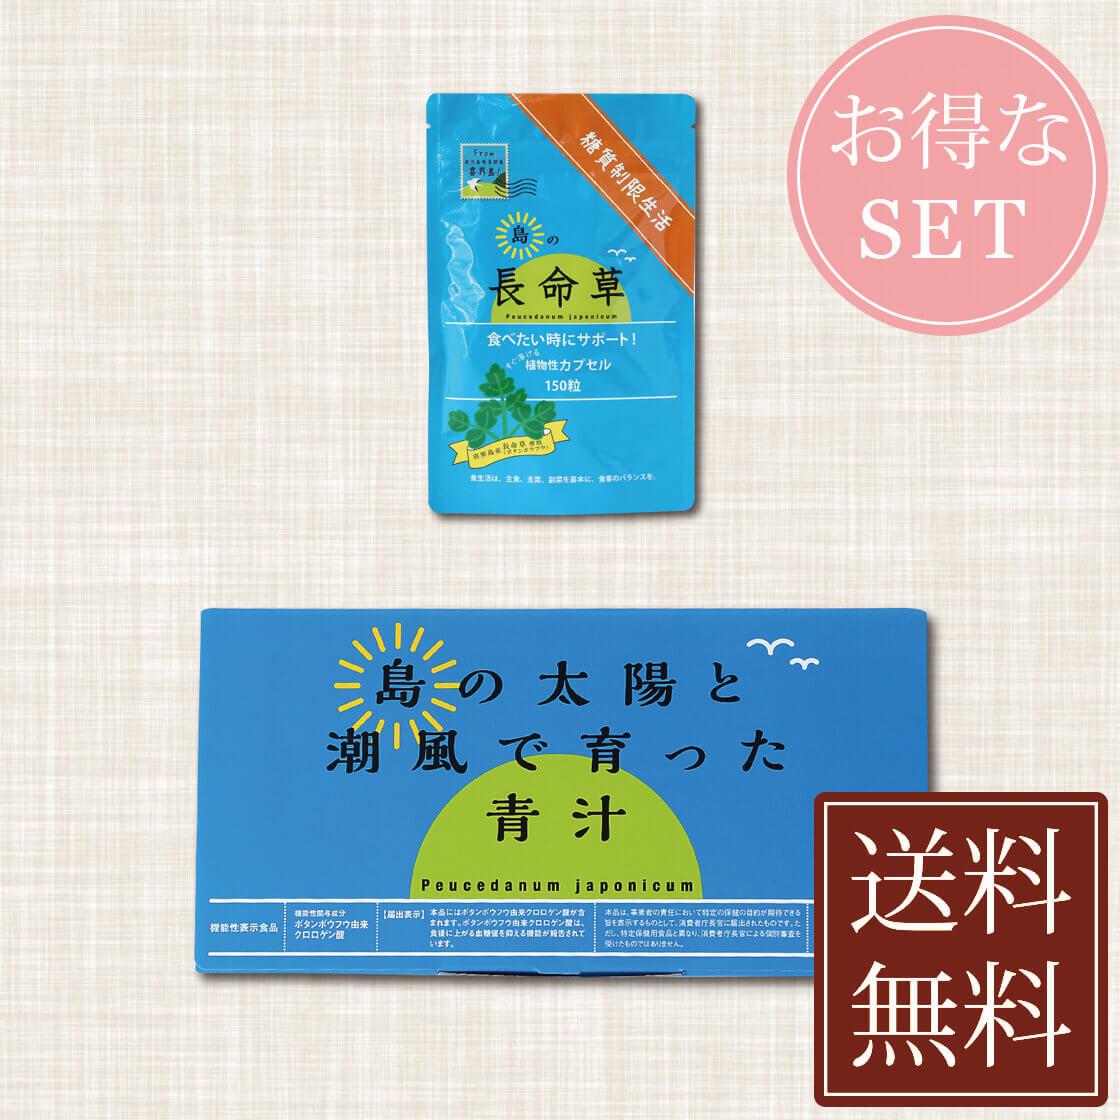 【定期購入】糖質制限生活セット<オンラインショップ限定>